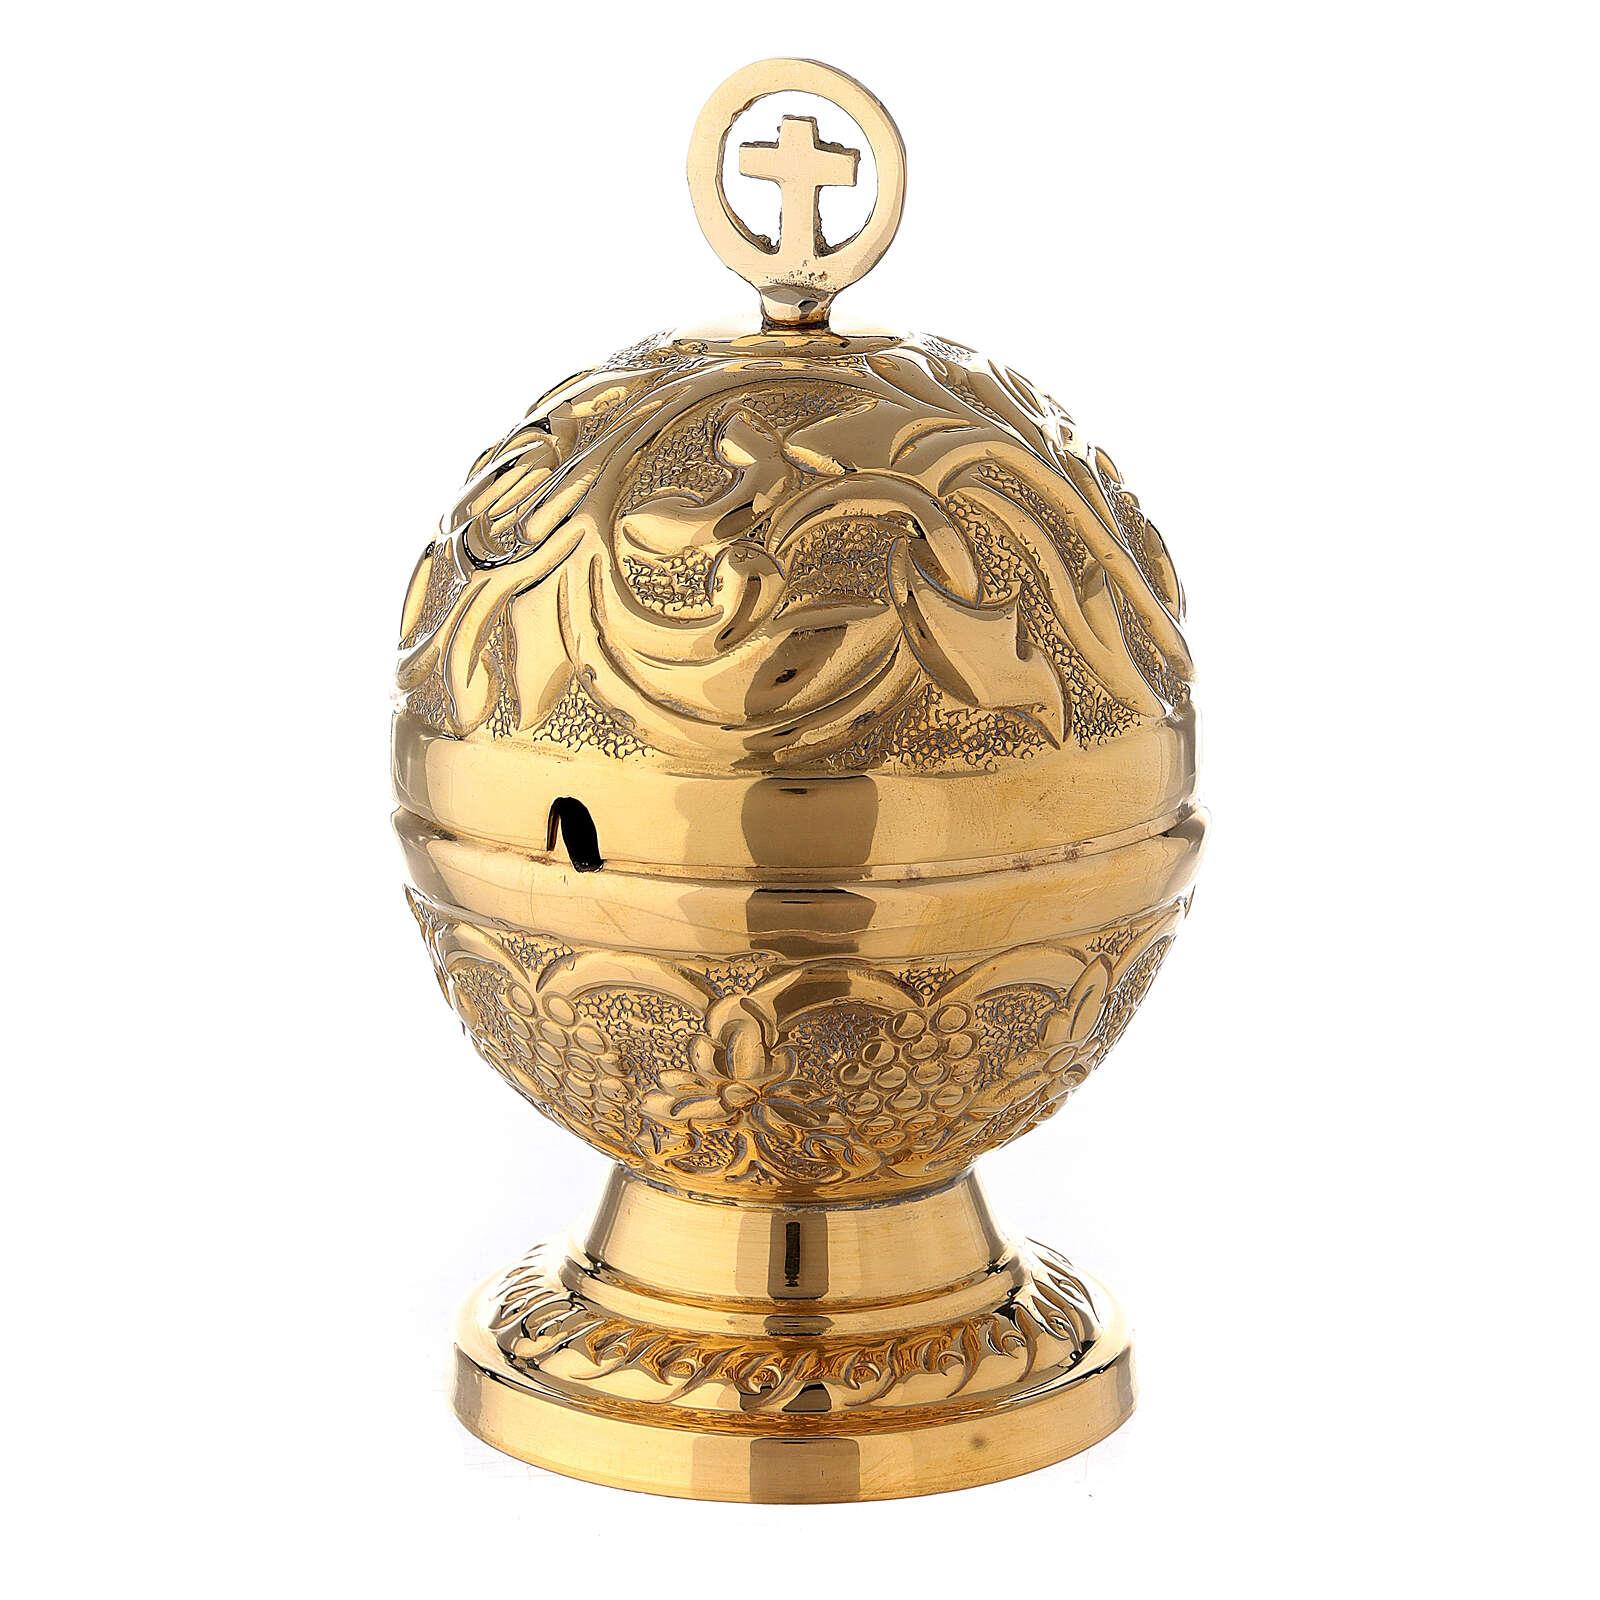 Navetta sferica barocca ottone dorato 13 cm 3